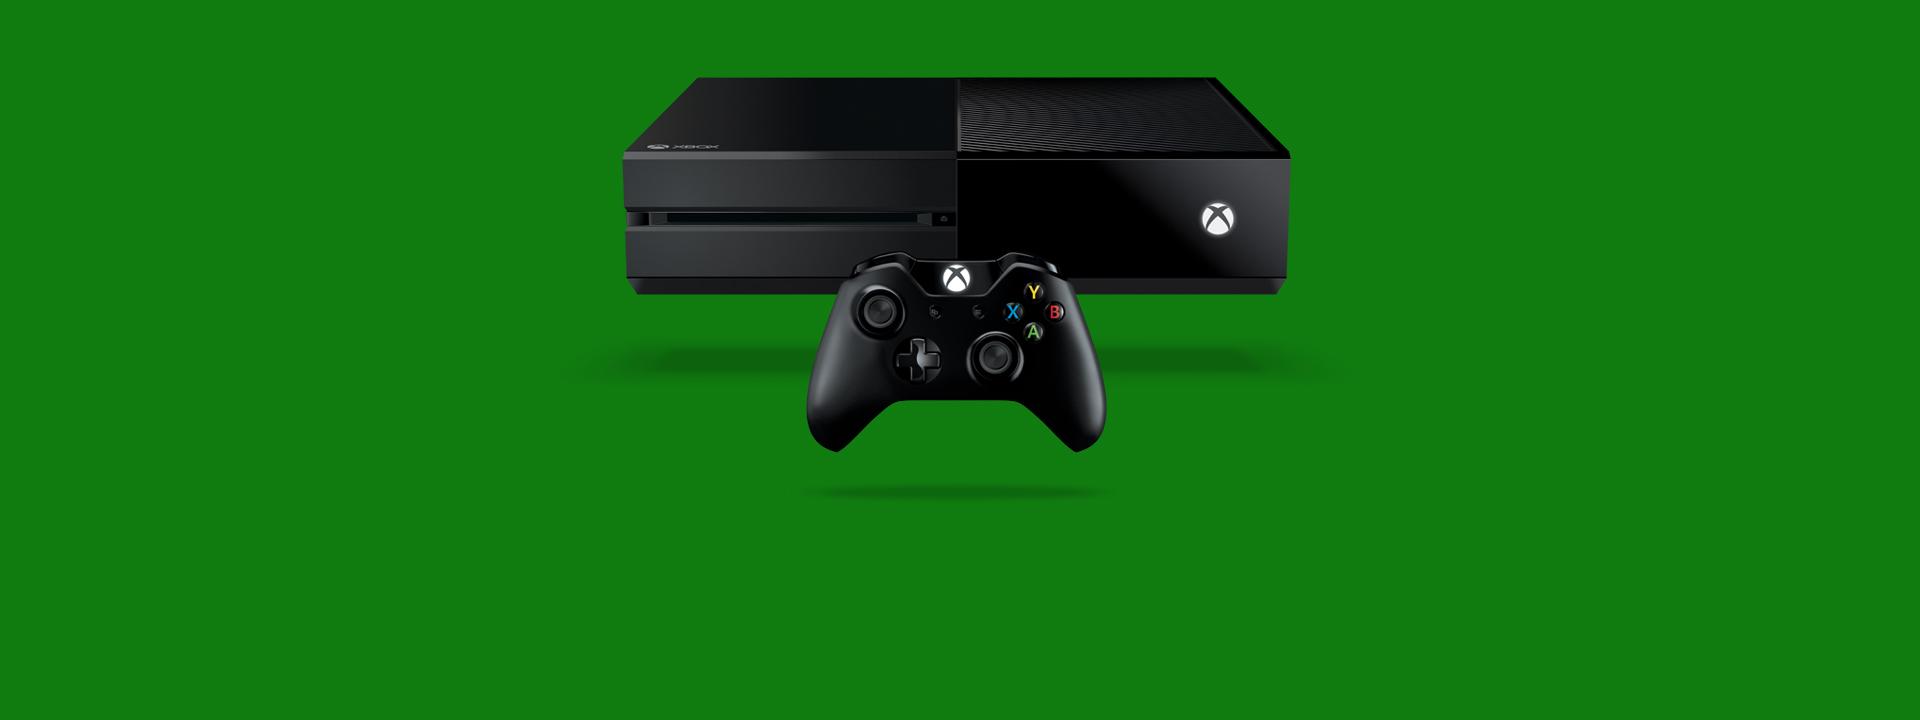 Konzola Xbox One aovládač, kúpiť najnovšie konzoly